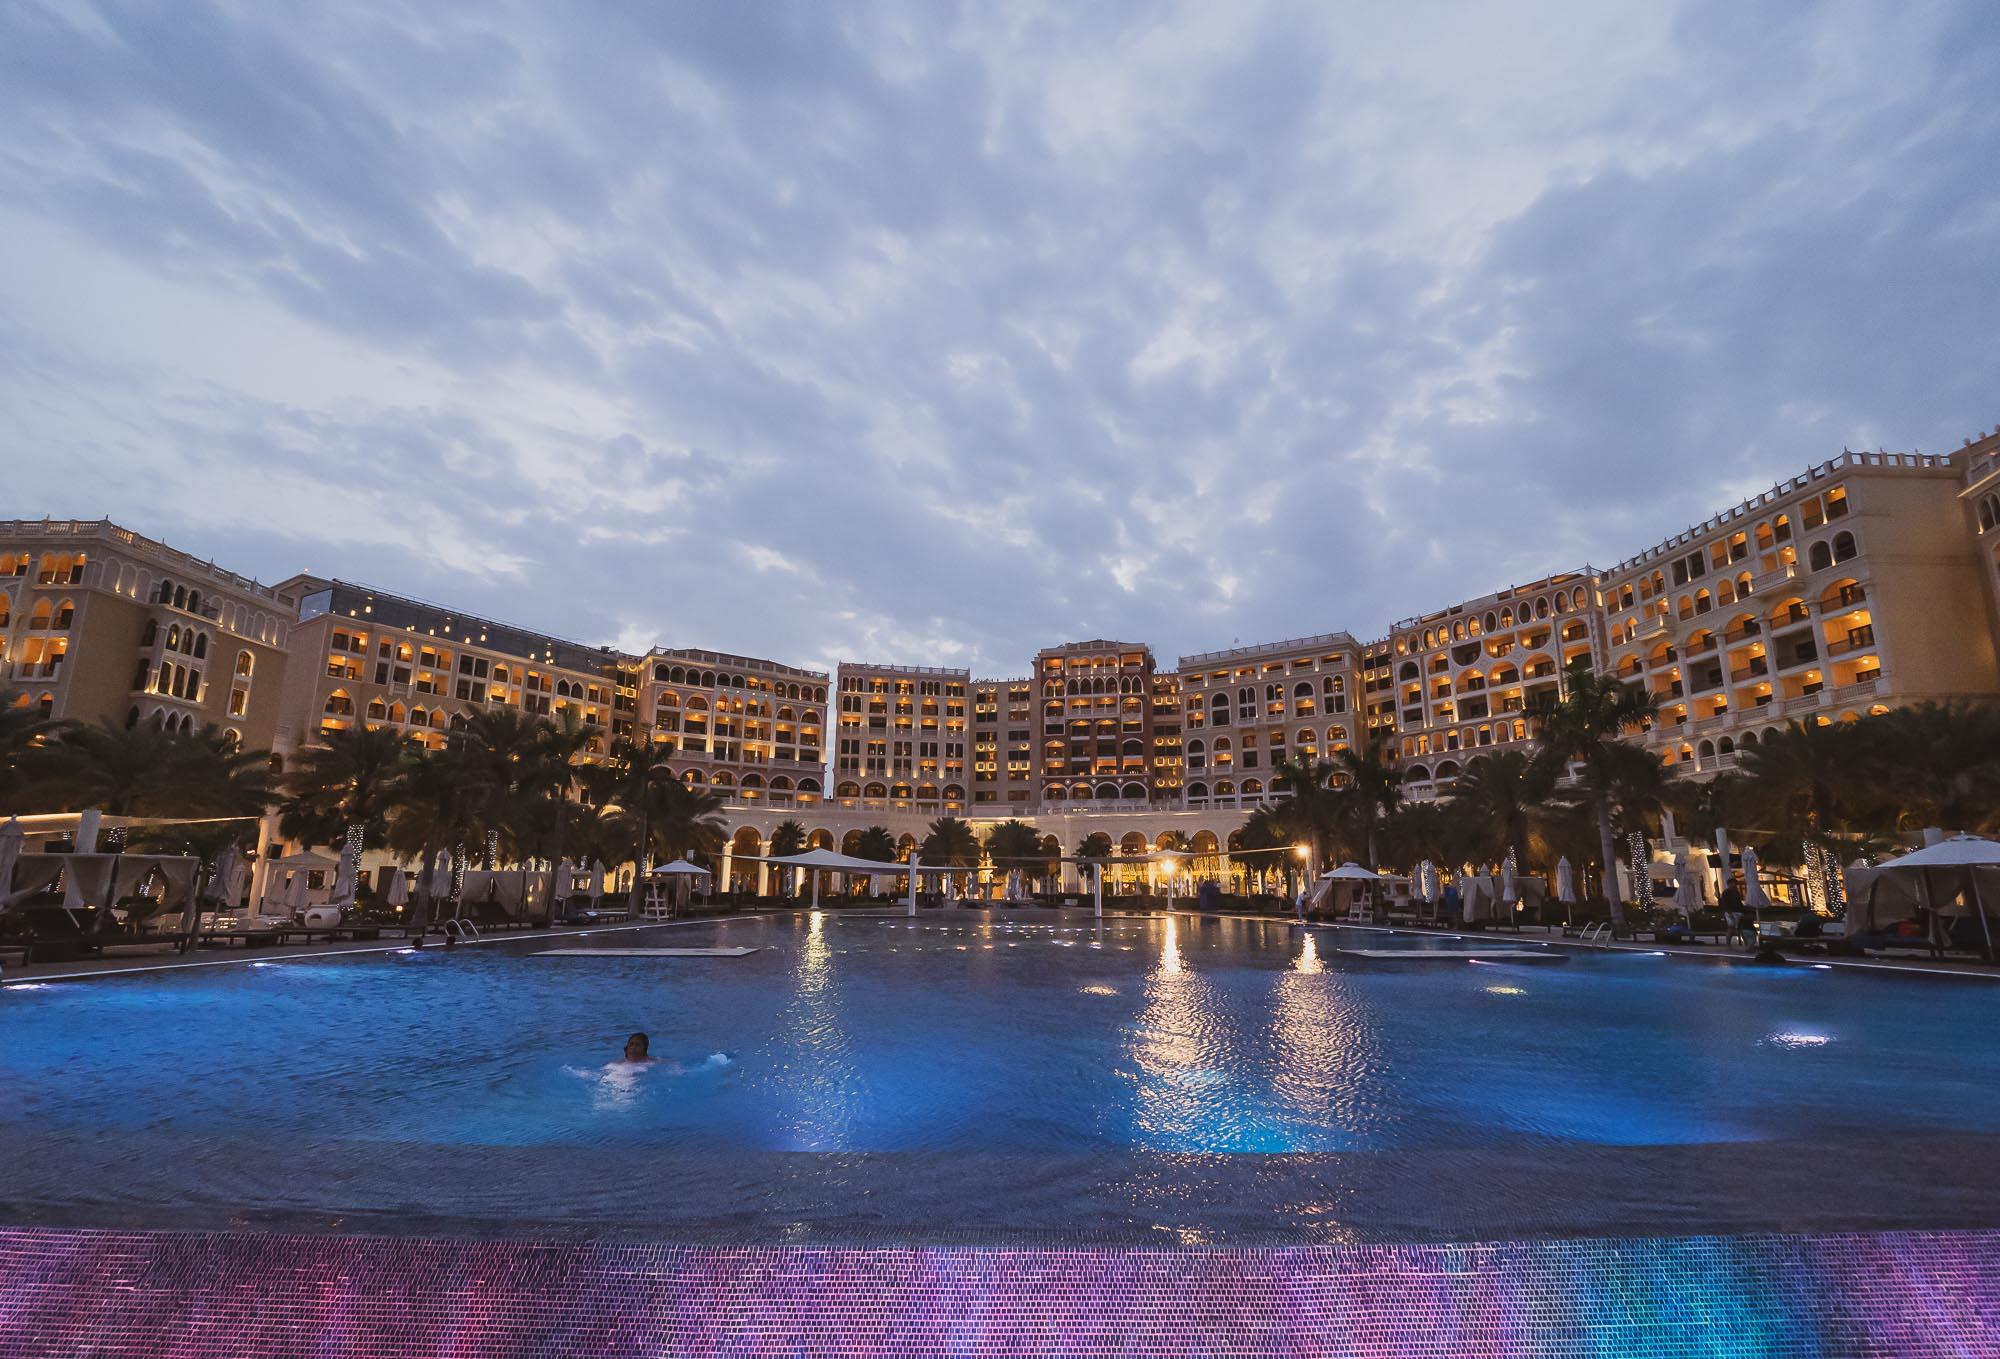 Ritz Carlton, Grand Canal Abu Dhabi